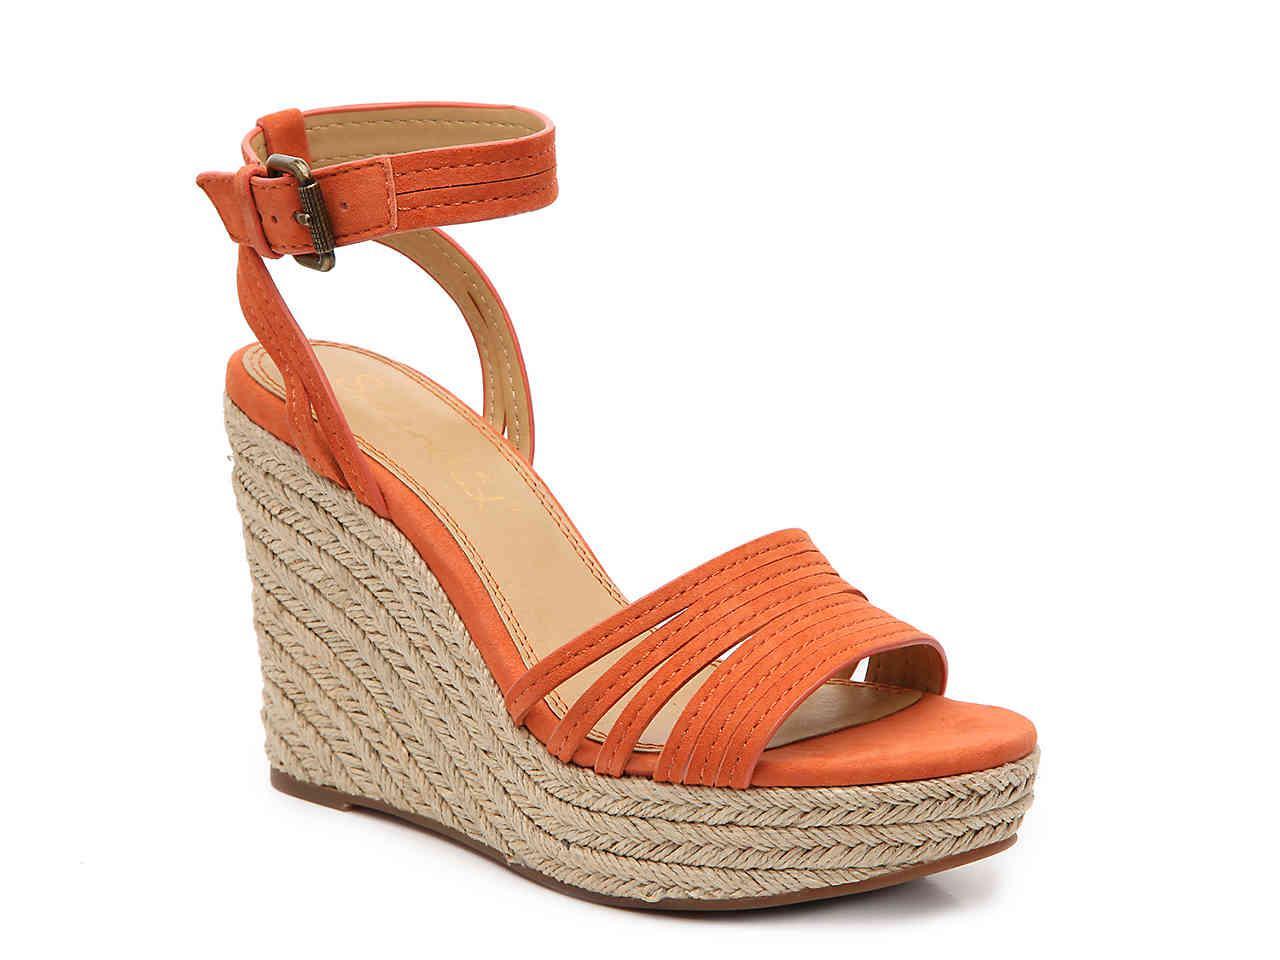 3980dbfc8e8 Splendid Orange Flemming Espadrille Wedge Sandal